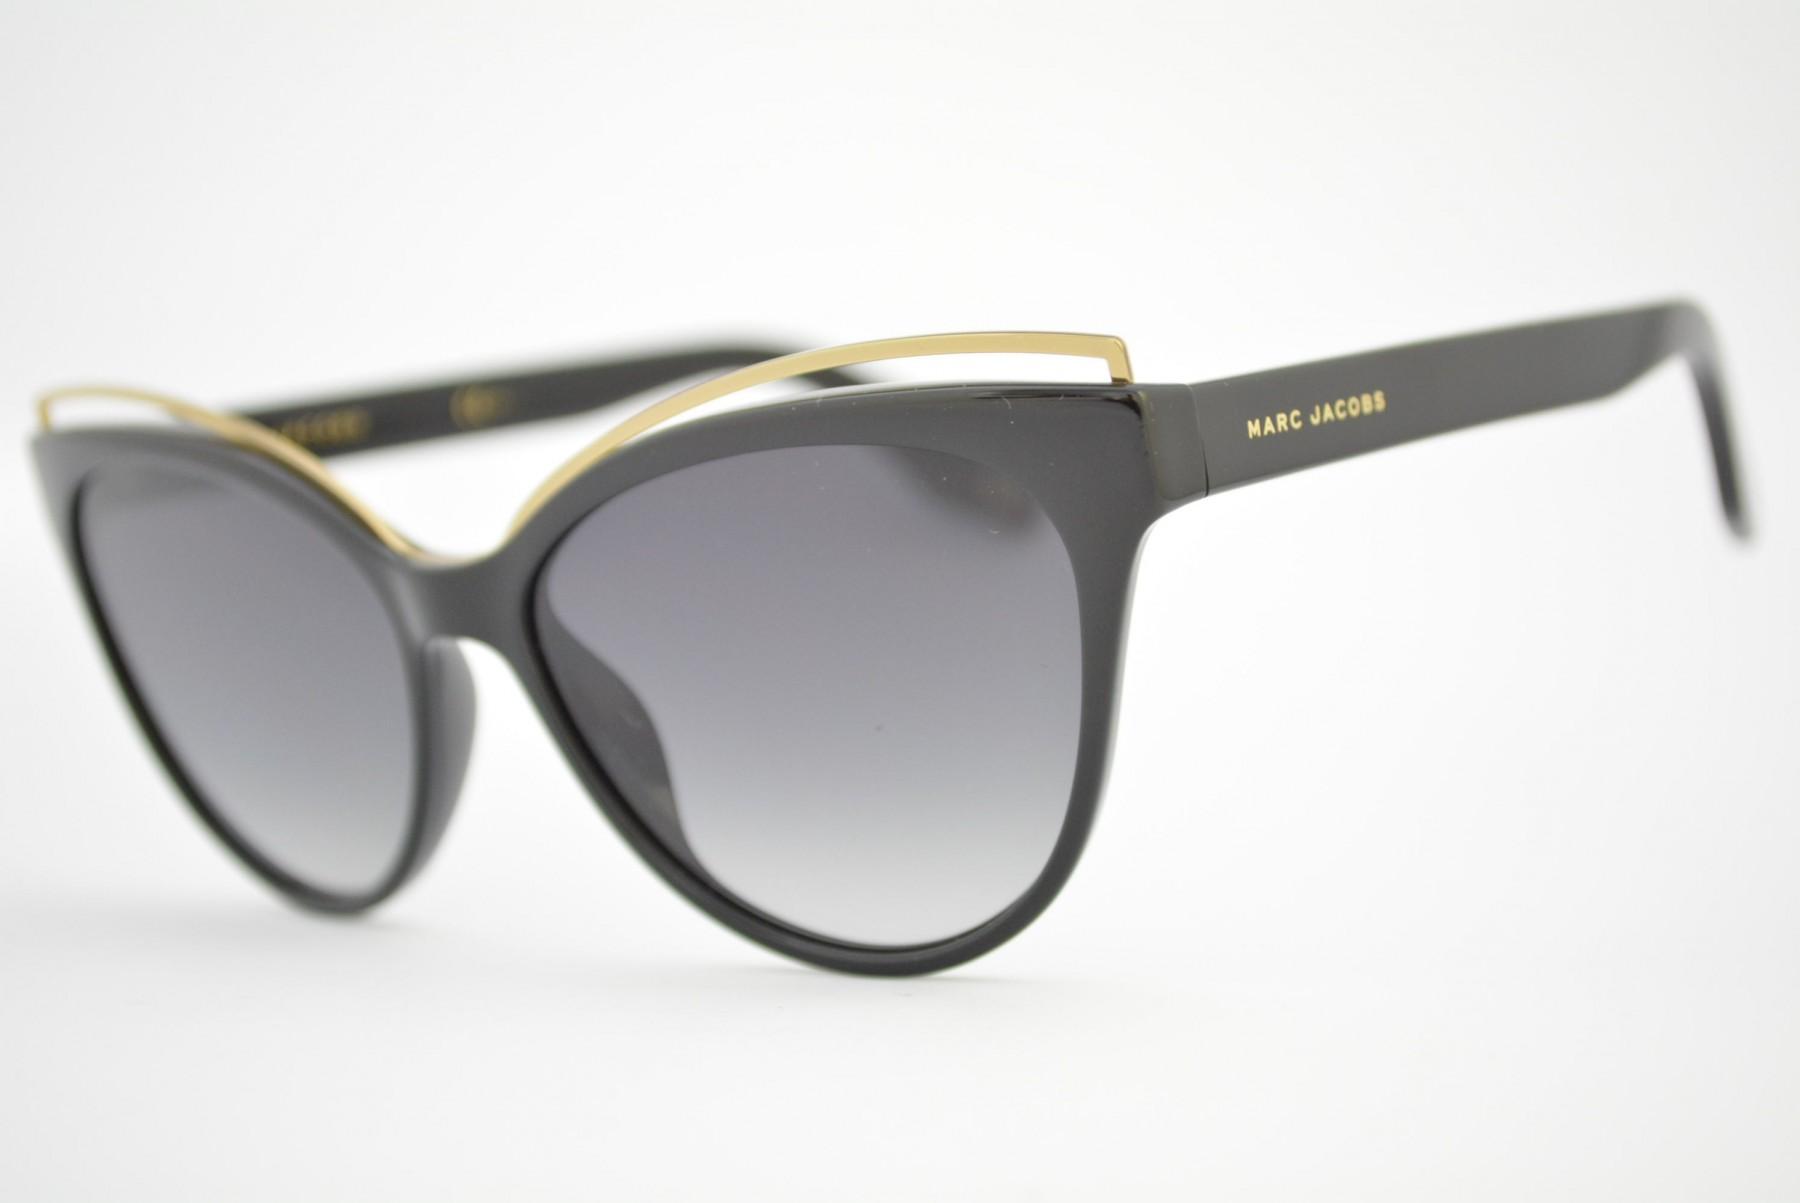 8e1b7f991fc74 óculos de sol Marc Jacobs mod marc 301 s 8079O Ótica Cardoso